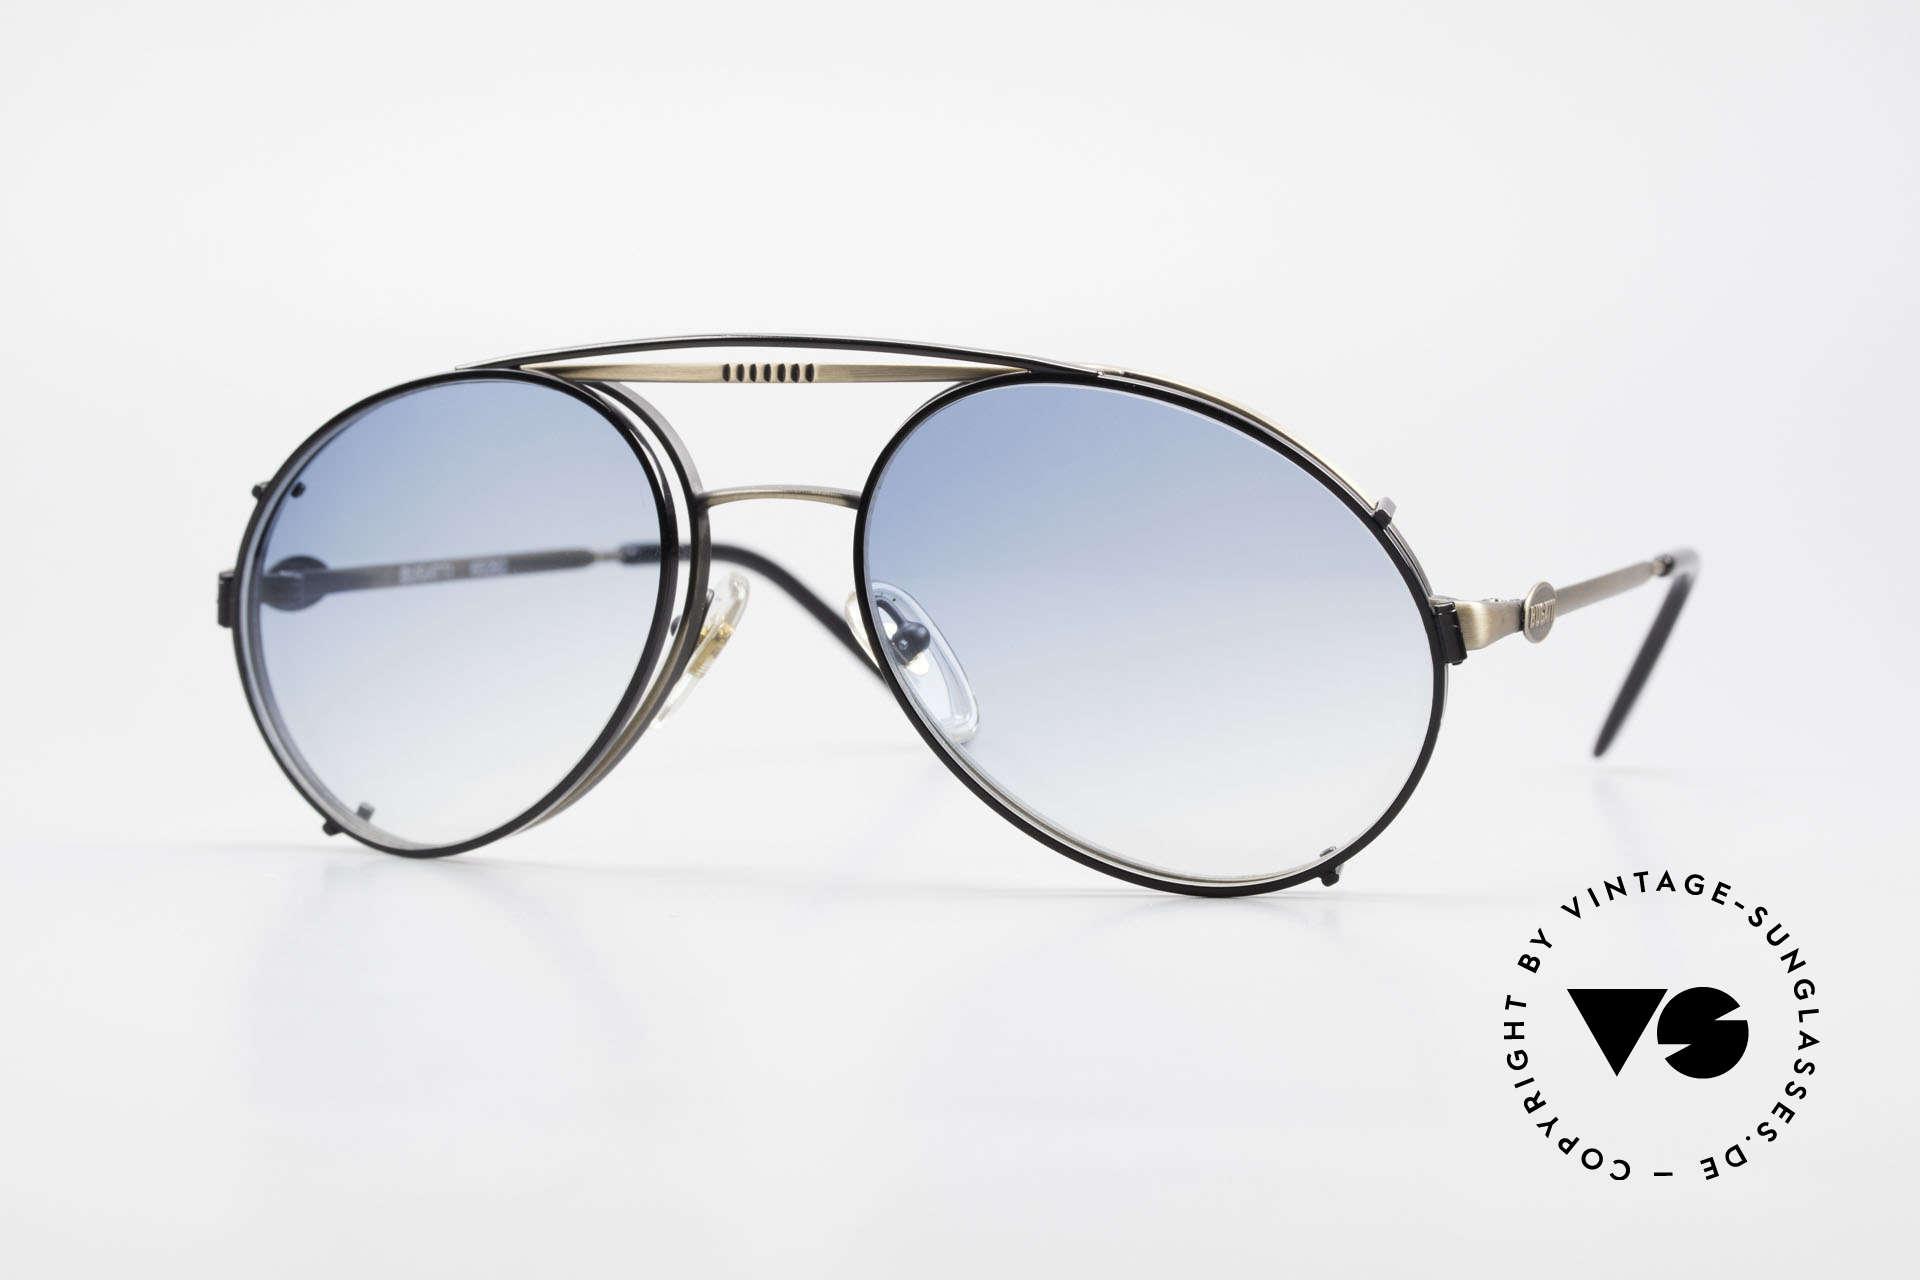 Bugatti 65282 Vintage Frame With Sun Clip, rare VINTAGE Bugatti 80's luxury sunglasses, Made for Men